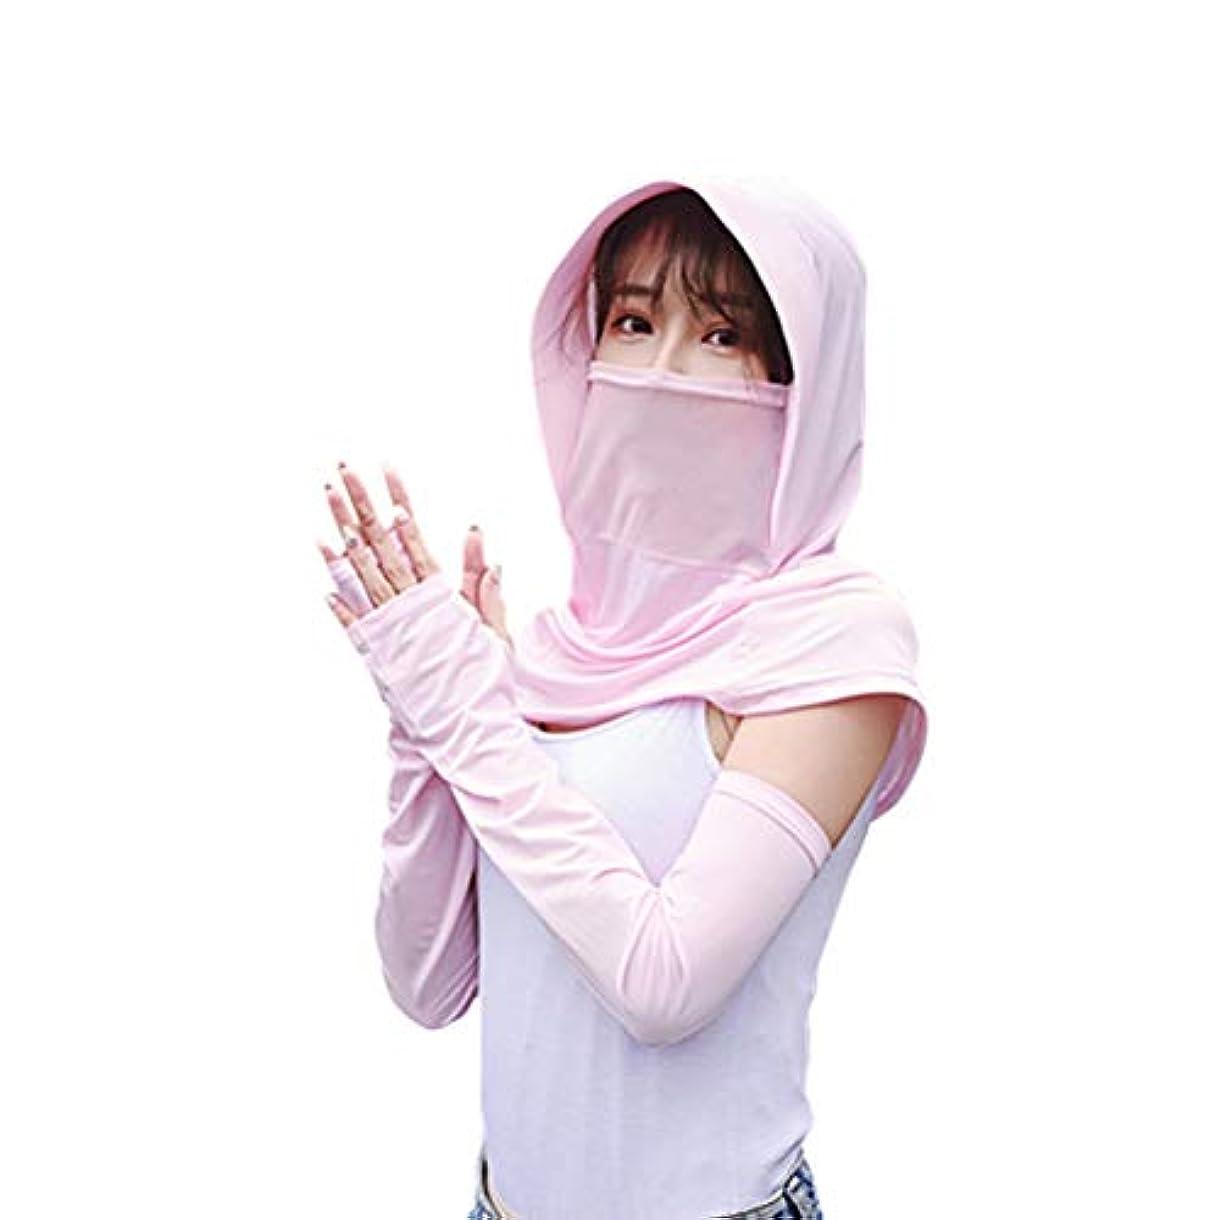 スパン悲しいことにクリーム日焼け防止 UVカット紫外線防止 農作業 ガーデニング 帽子 通気性 アウトドア 防水 登山 釣り (ホワイト、フリーサイズ)